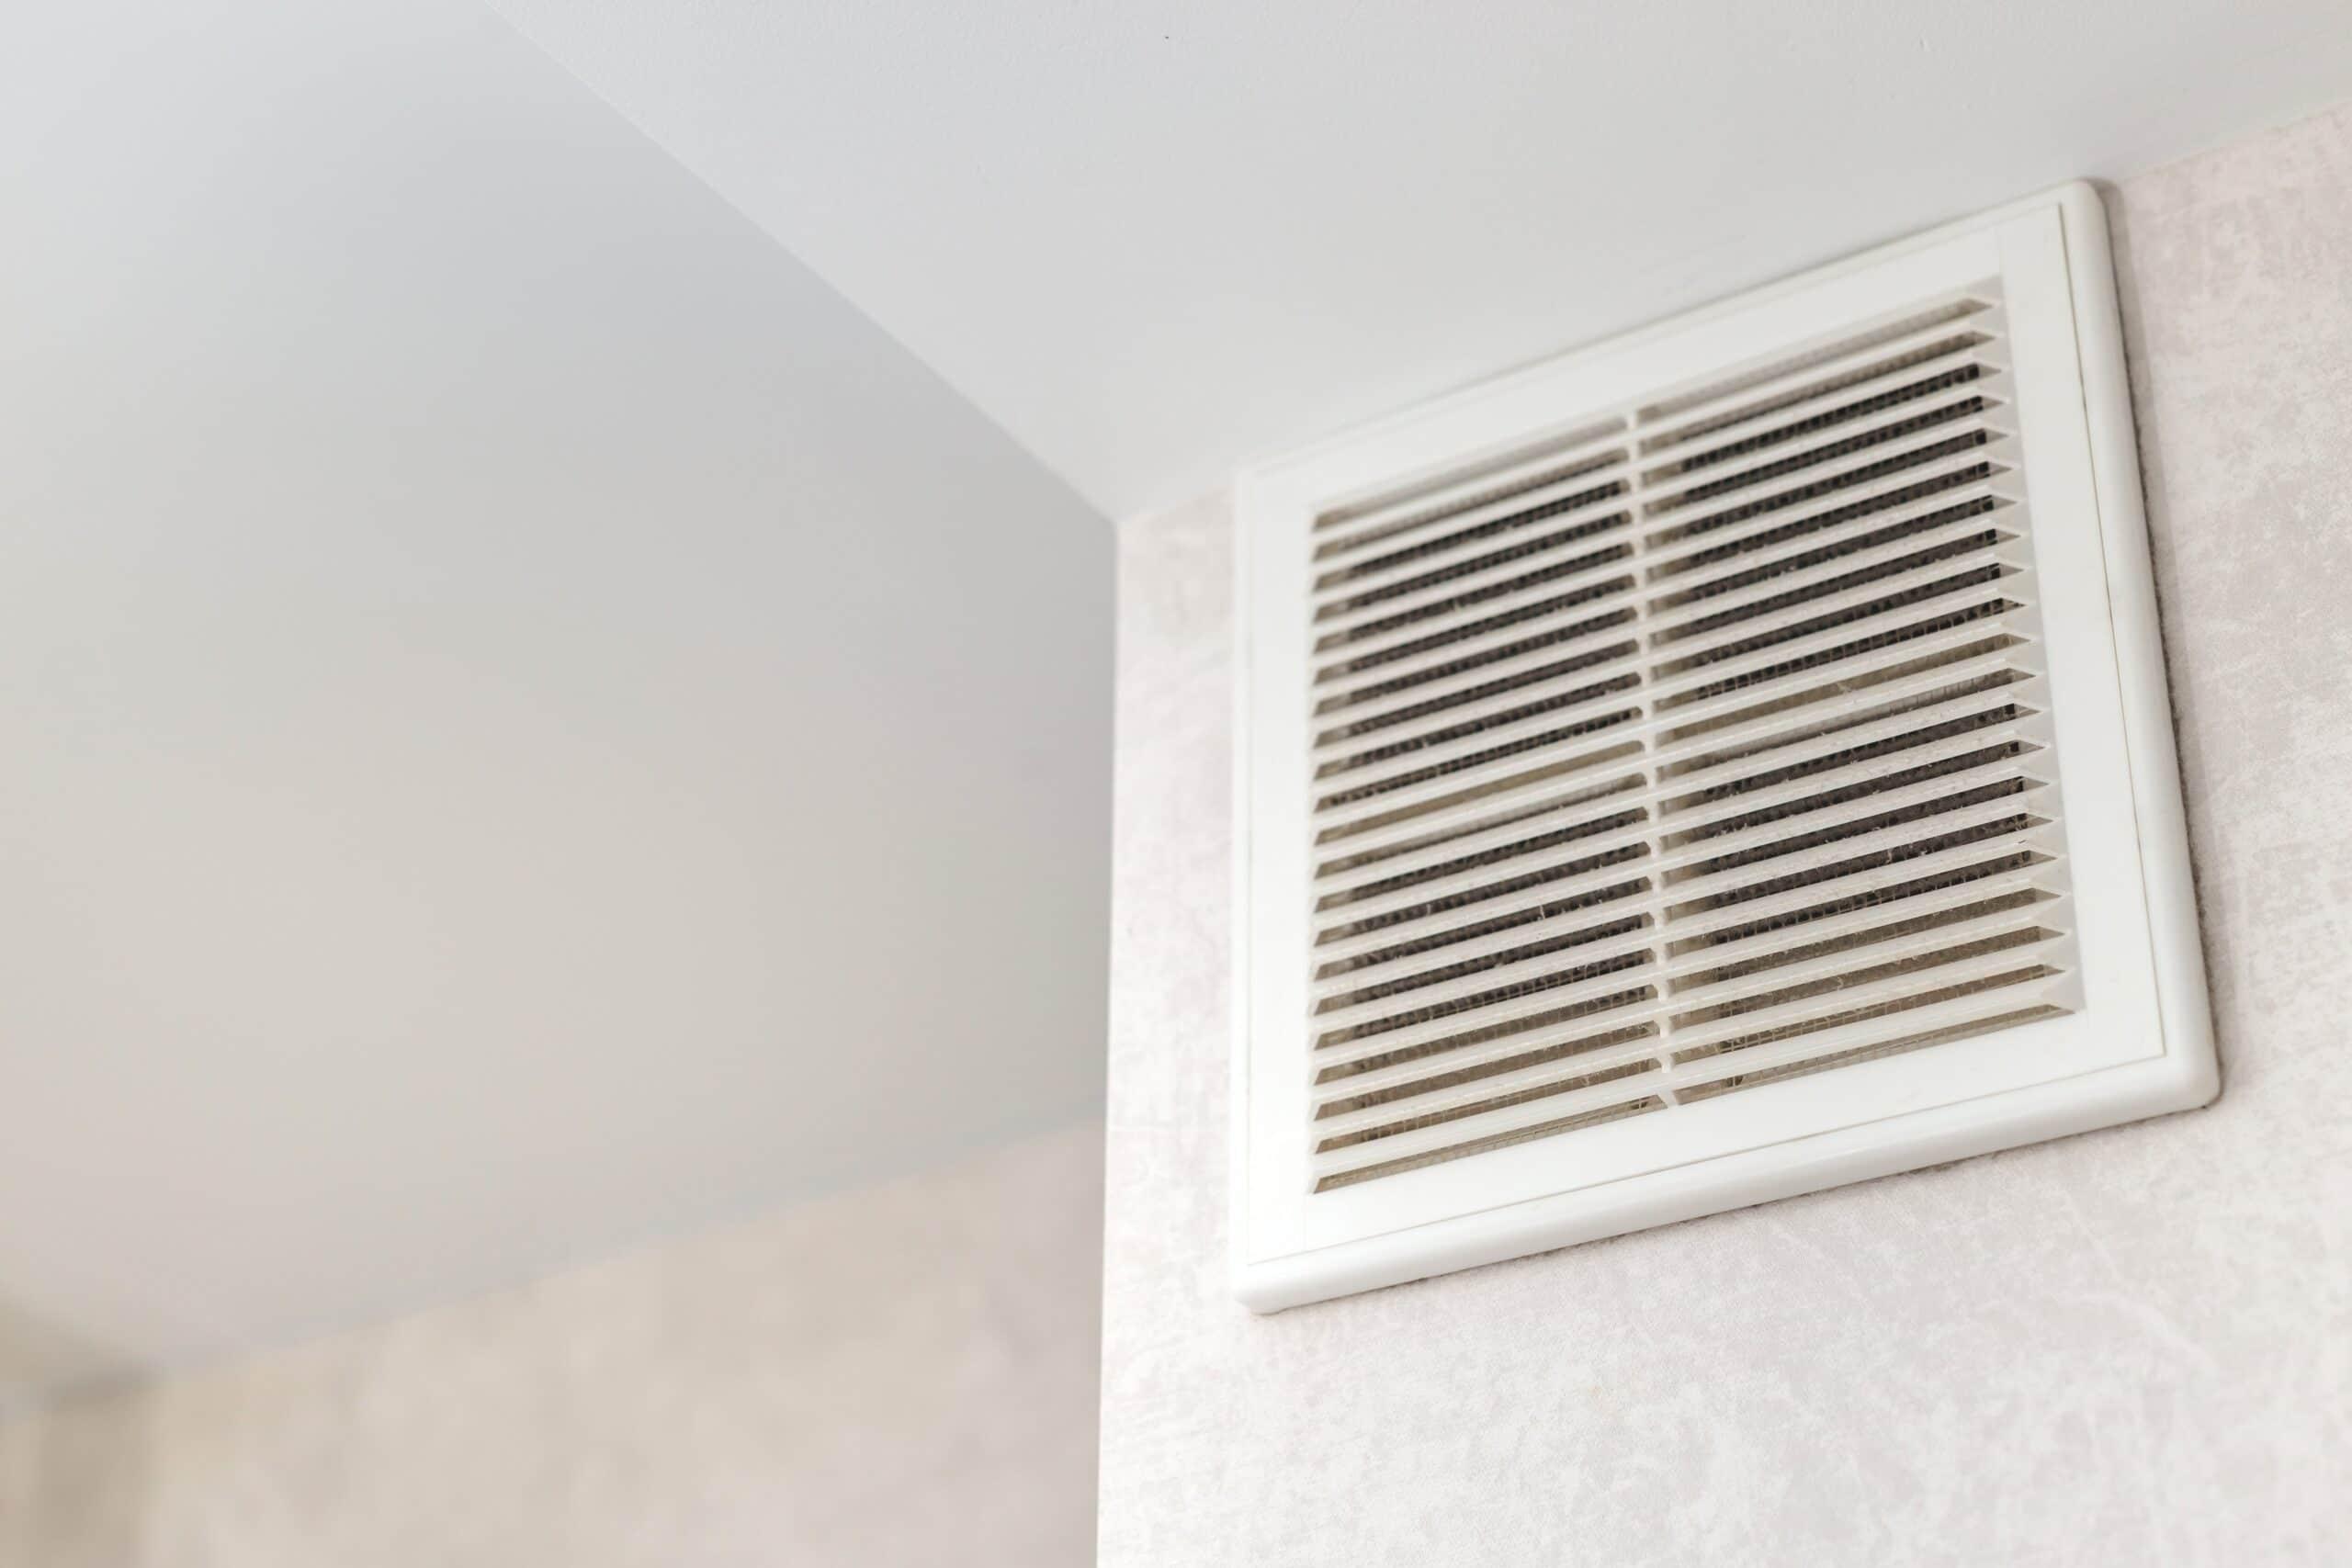 καθαριστές αέρα για ιούς